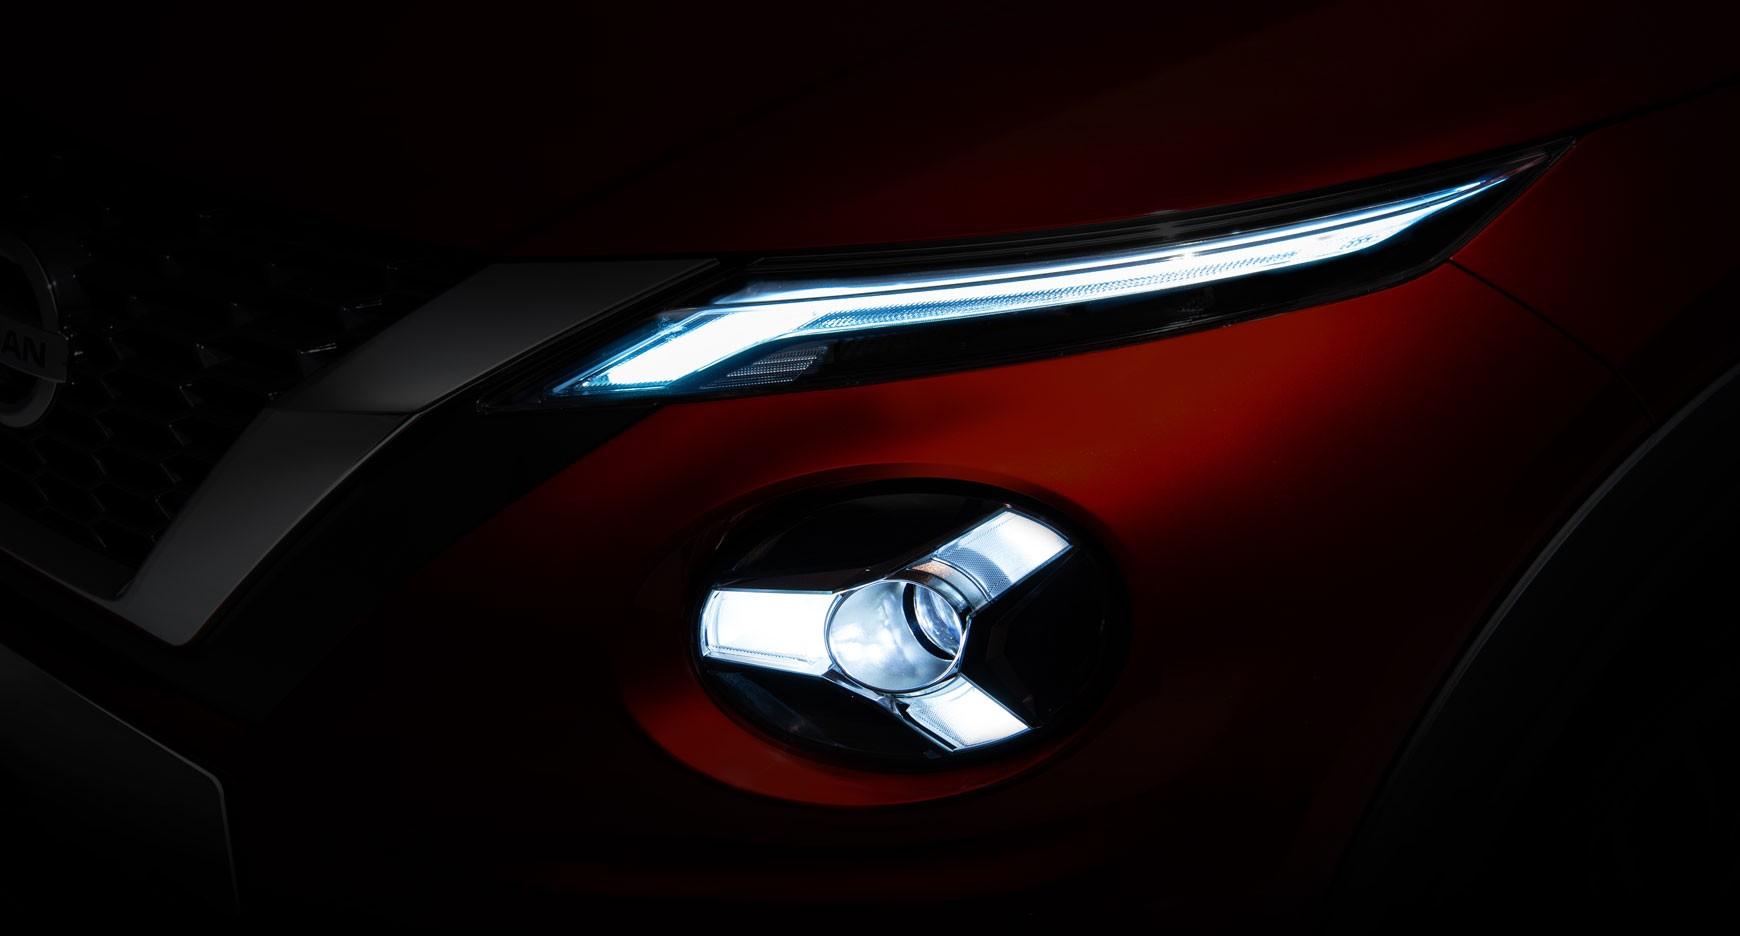 Yeni Nissan Juke'tan ilk görüntüler